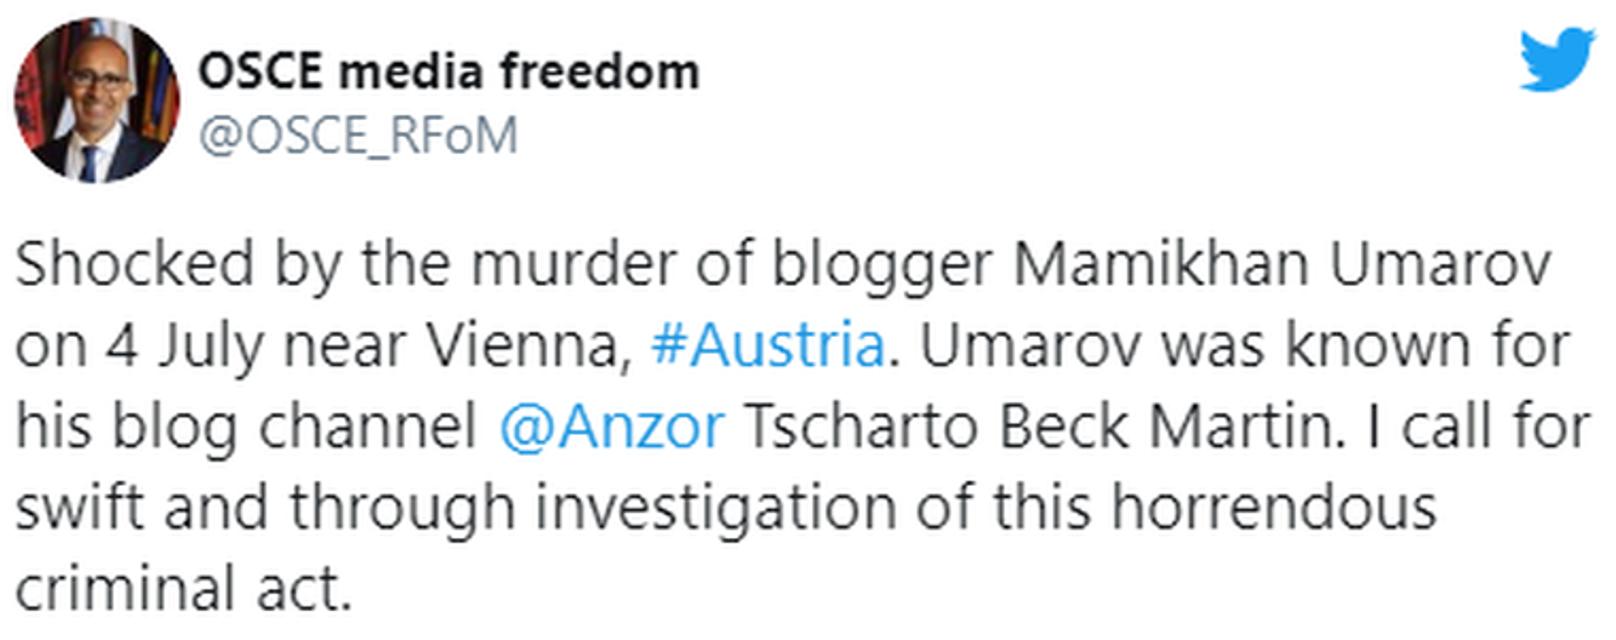 В ОБСЕ инфантильно отреагировали на убийство русскими свидетеля по делу Окуевой - фото 202361